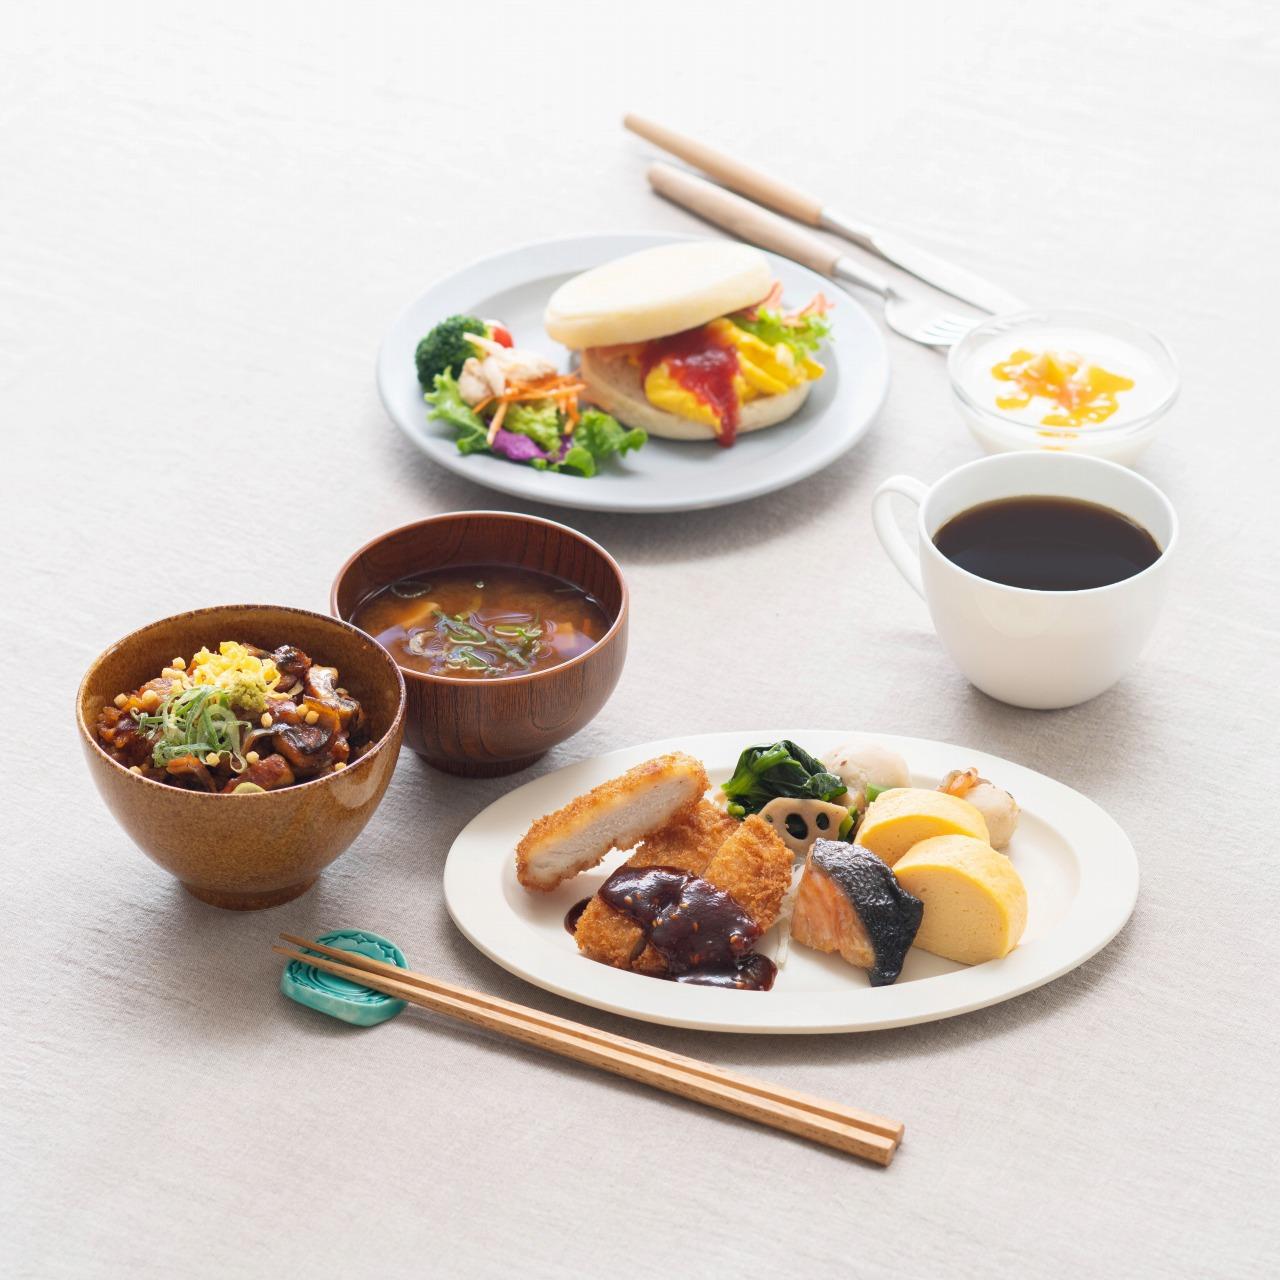 ビュッフェスタイルで、定番の朝ごはんや一度は食べておきたい名古屋めしもお楽しみいただけます。